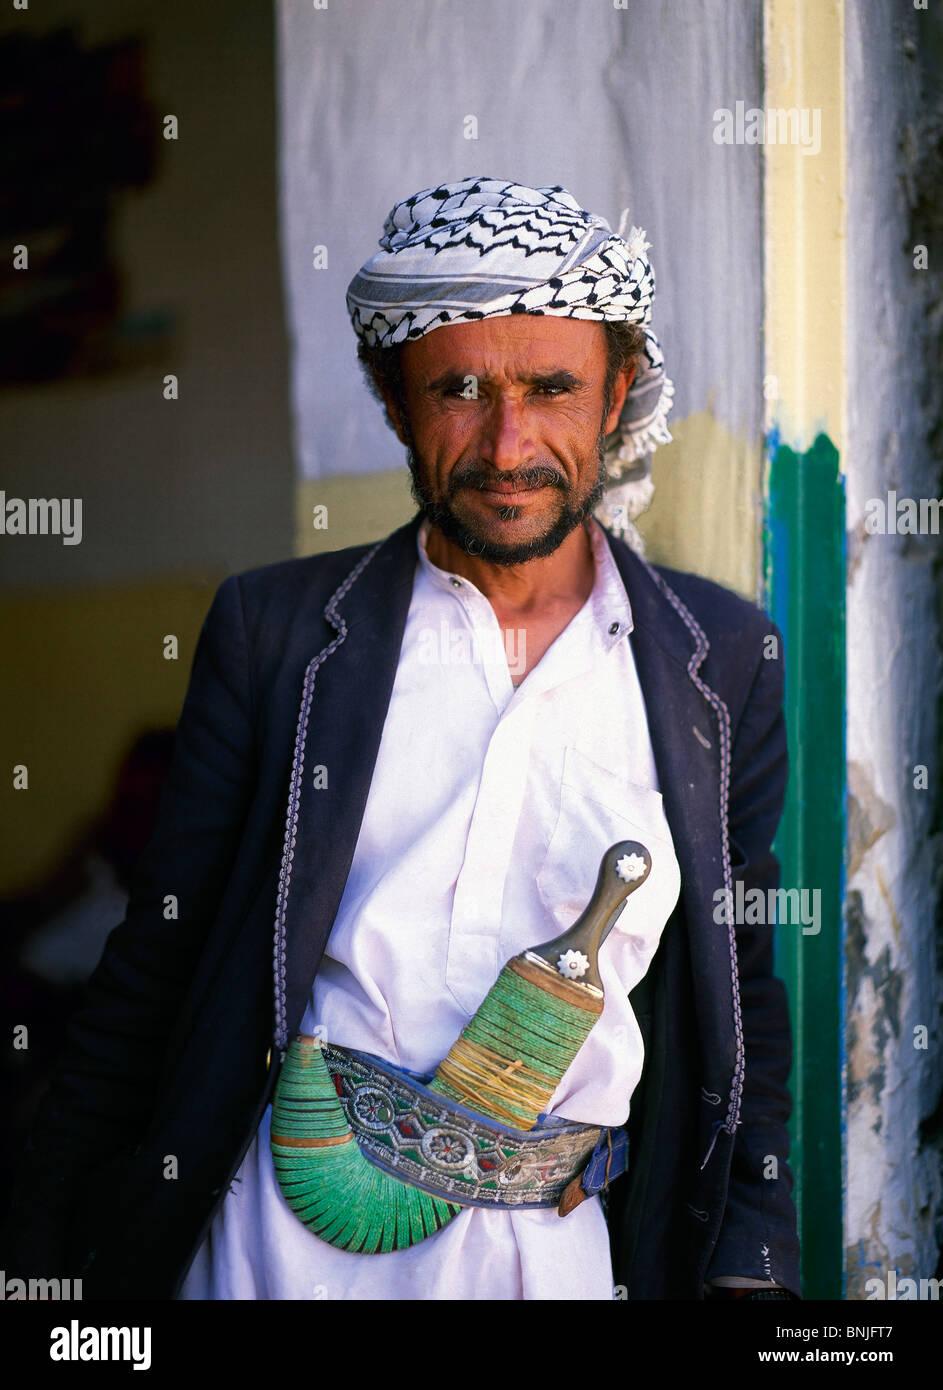 Febrero de 2005 Yemen Sanaa ciudad hombre Local con daga Jambiya retrato hombre persona tradicional Imagen De Stock